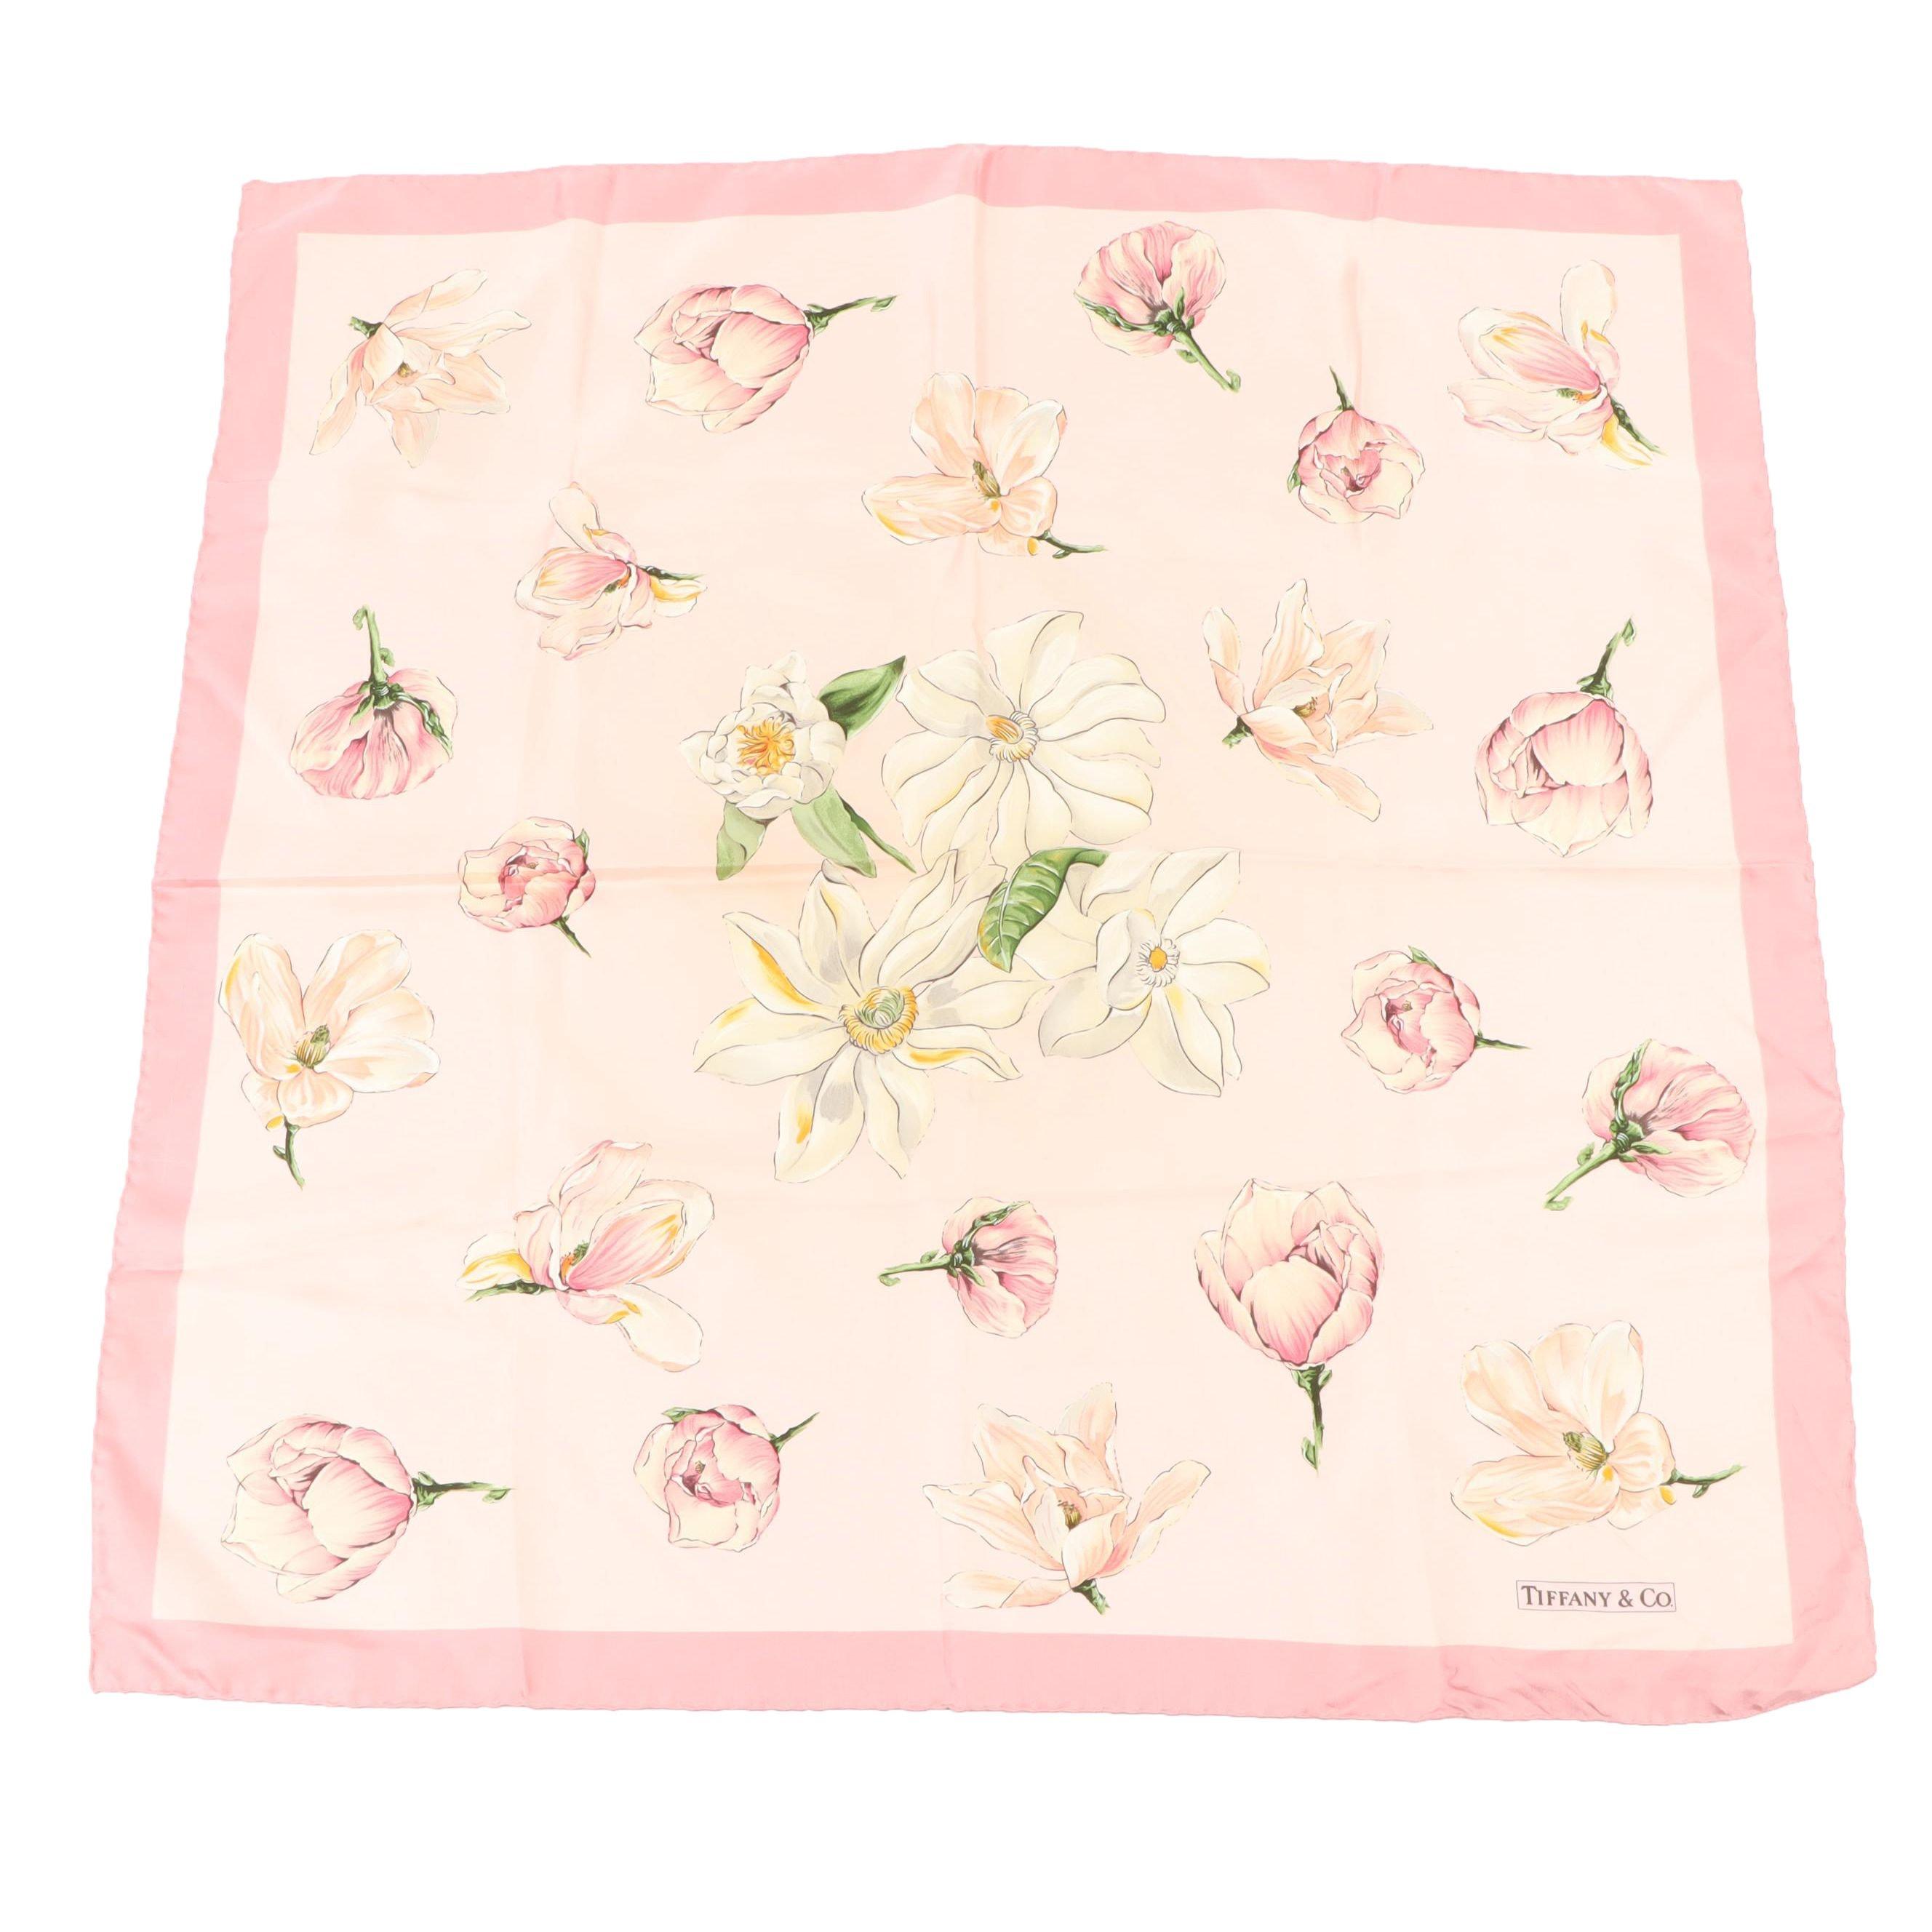 Tiffany & Co. Italian Silk Floral Print Scarf